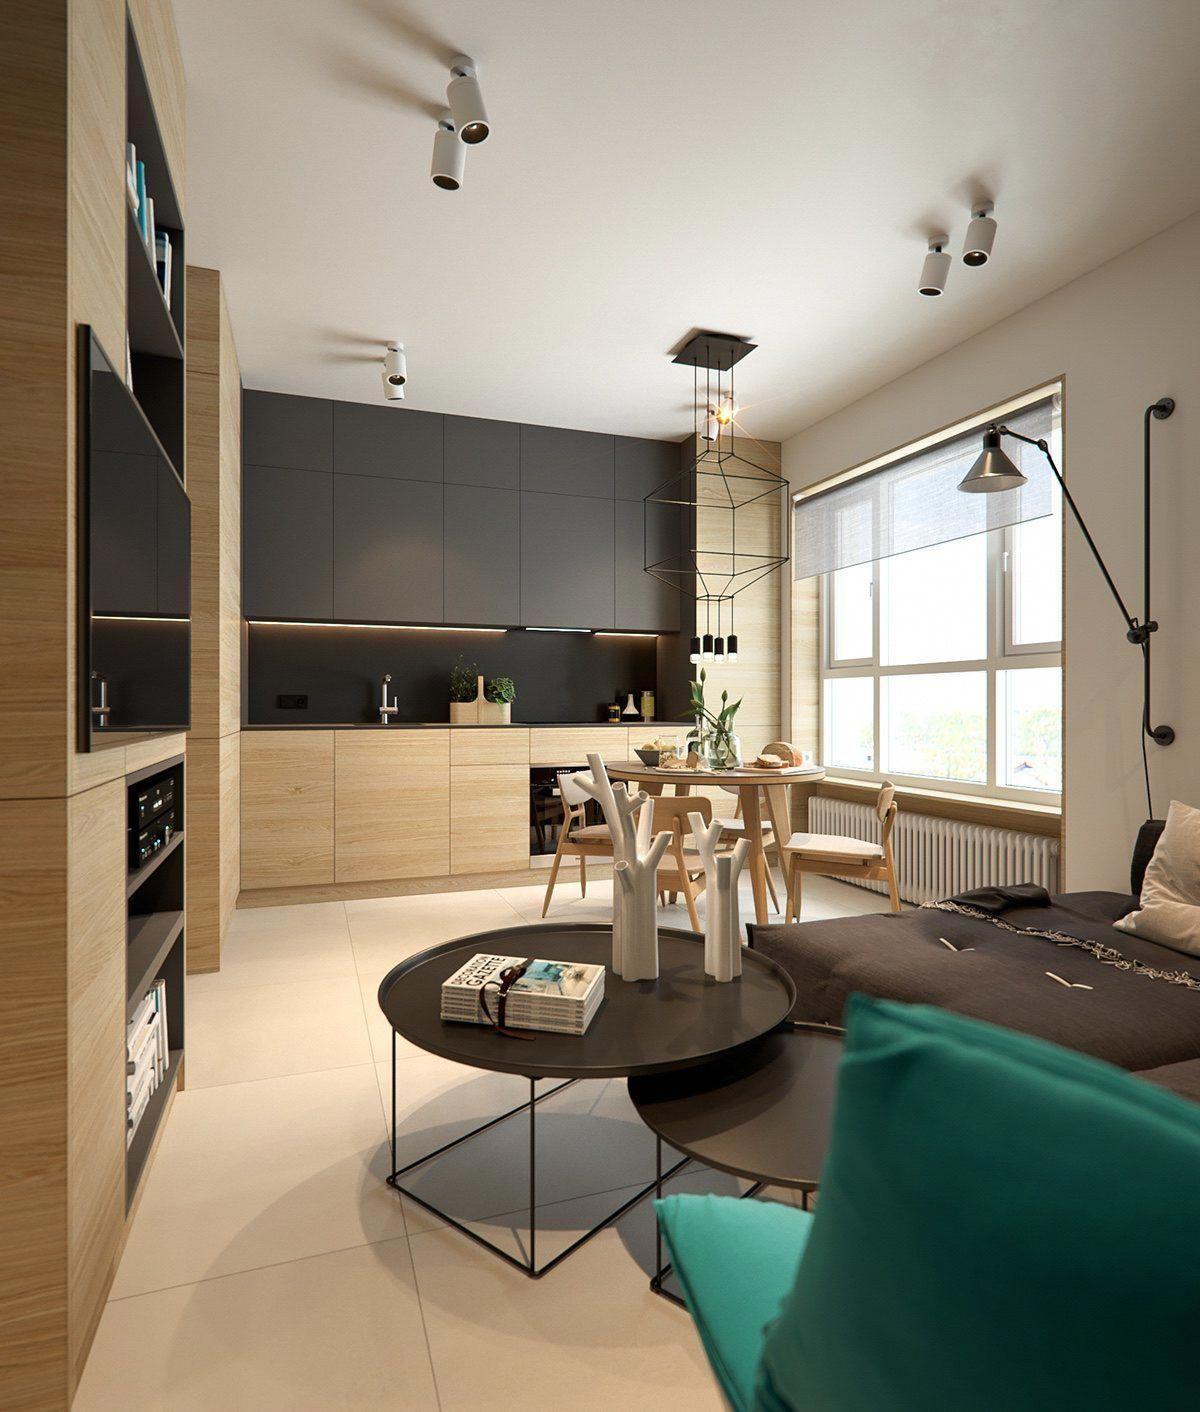 kitchen interior design cost in india kitcheninteriordesign rh pinterest com